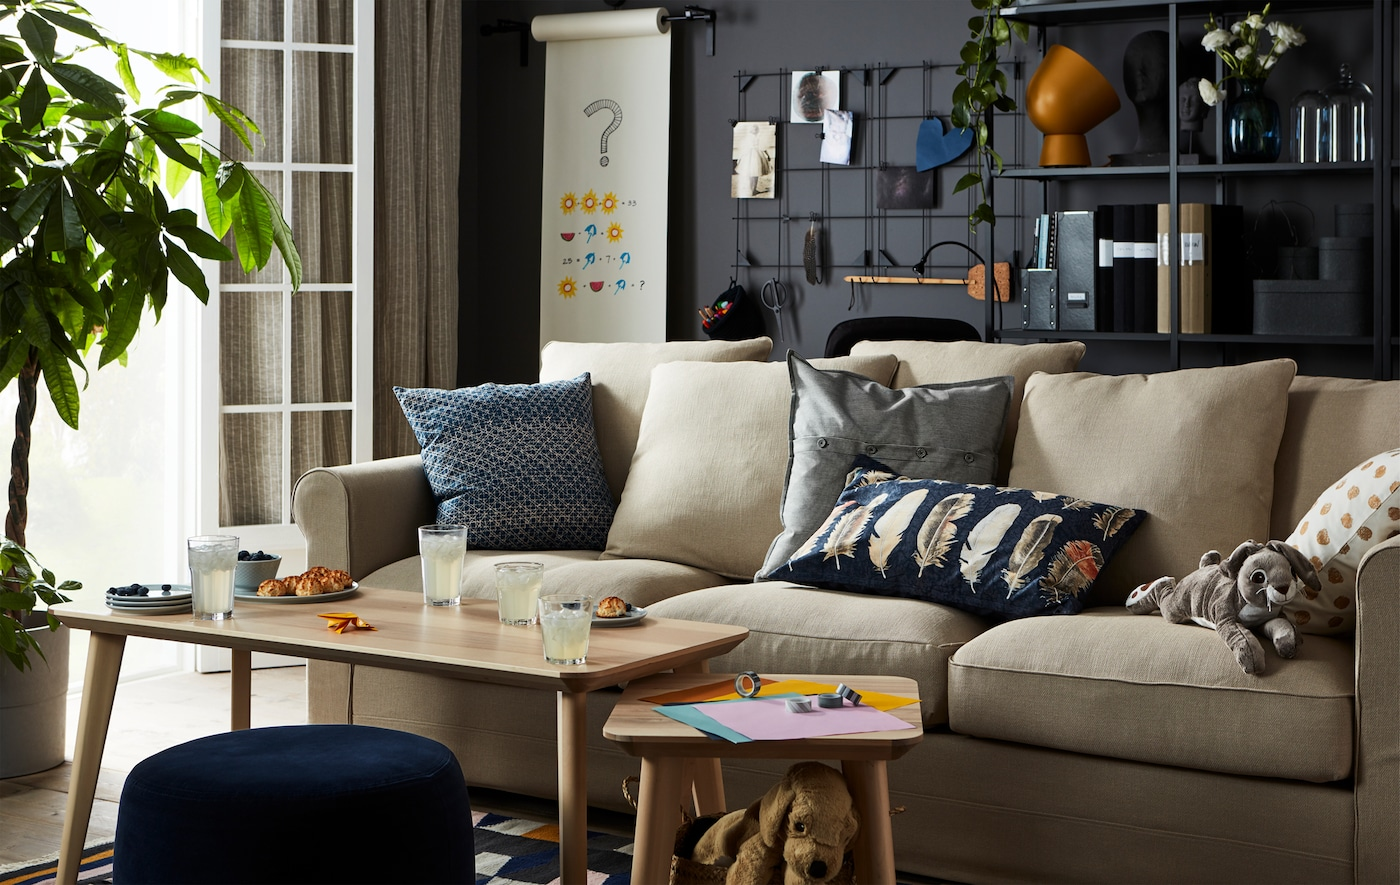 غرفة جلوس بها كنبة وطاولة قهوة، مع أعمال طي أوريجامي جارية ومشروبات ووجبات خفيفة.